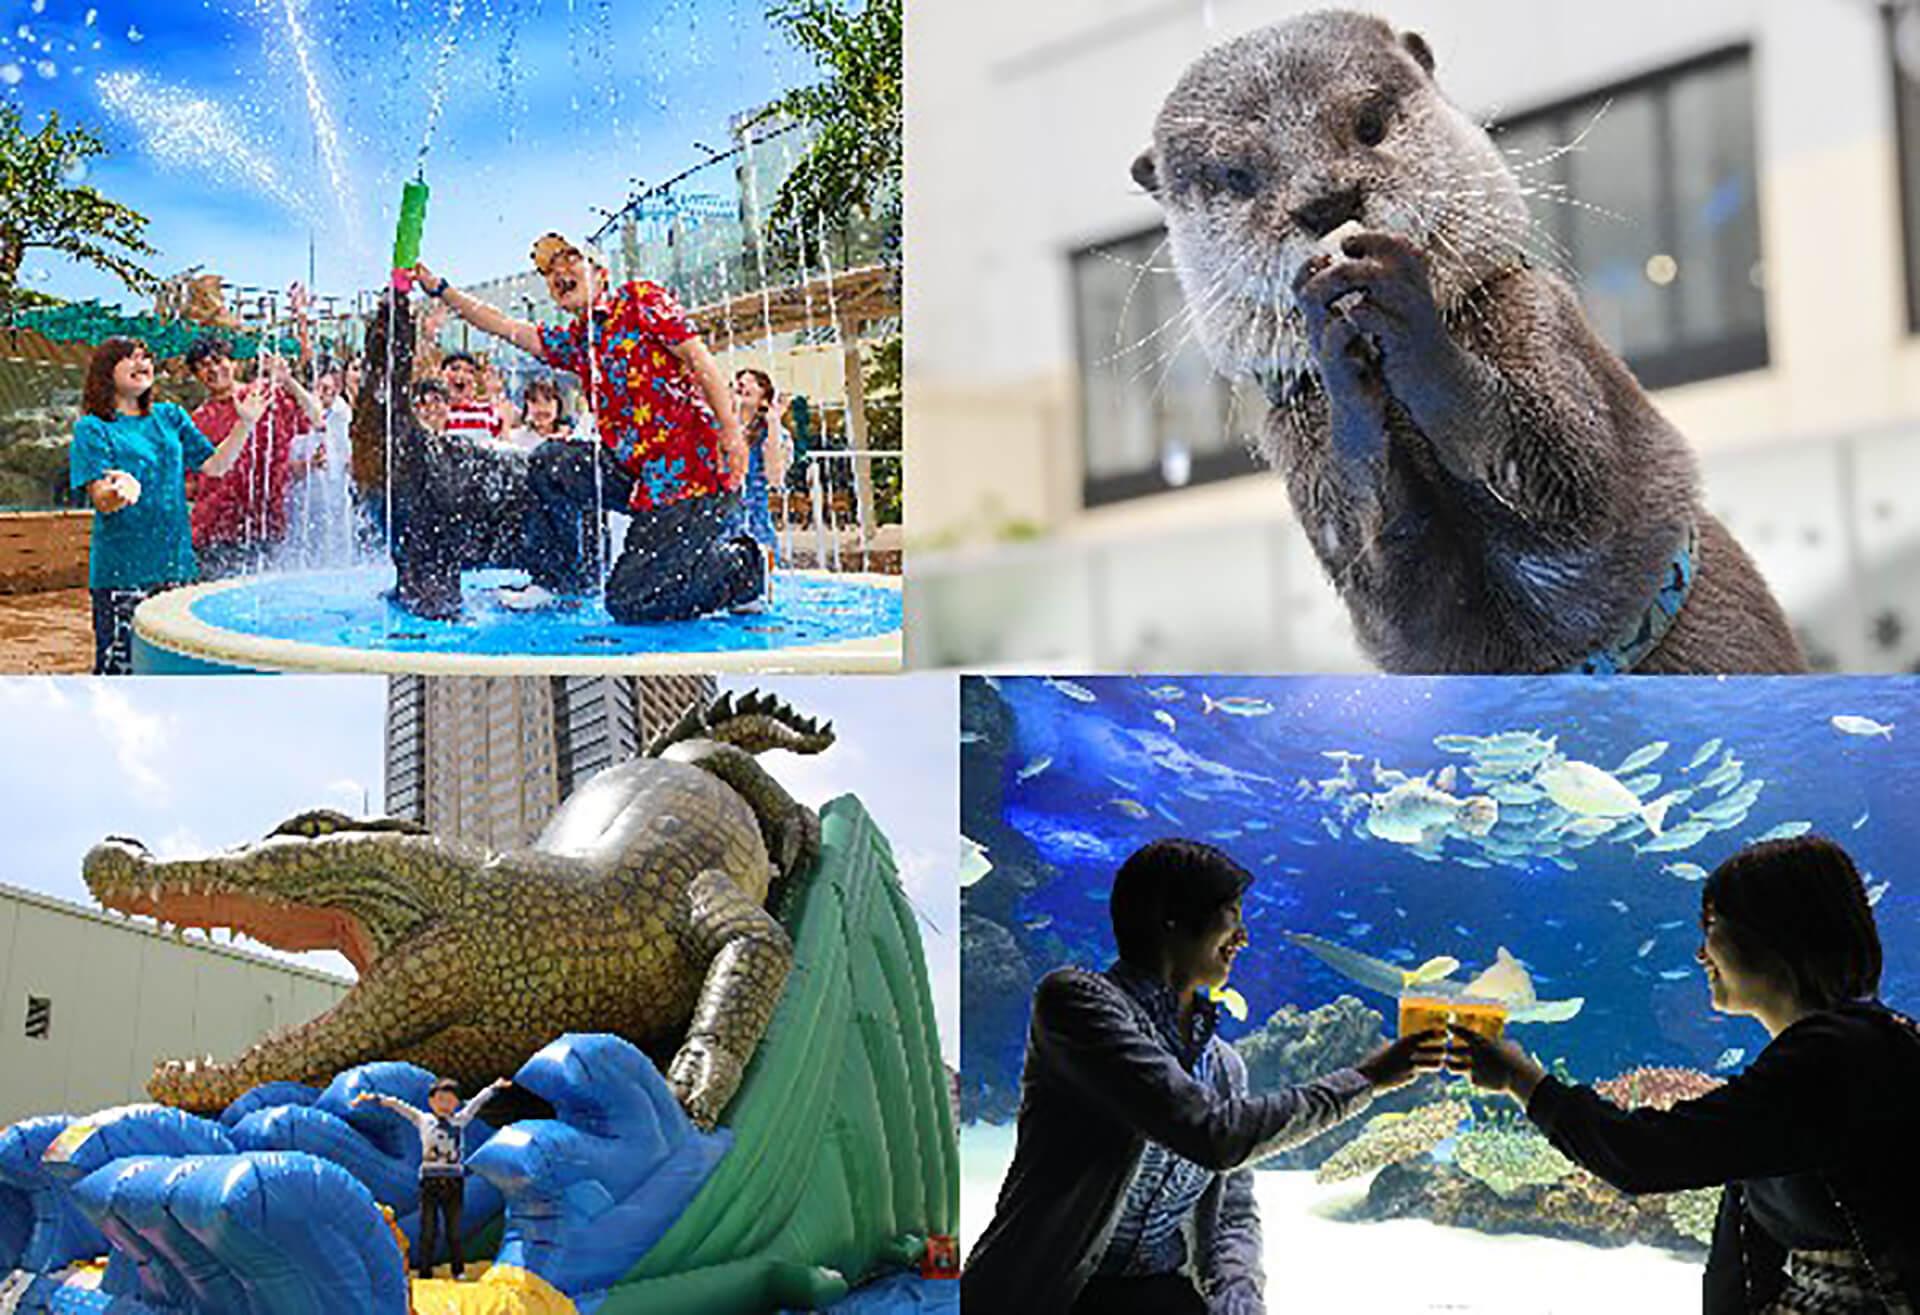 この写真はサンシャイン水族館 夏フェス2019の、イベント様子を映したスナップ集4枚組です